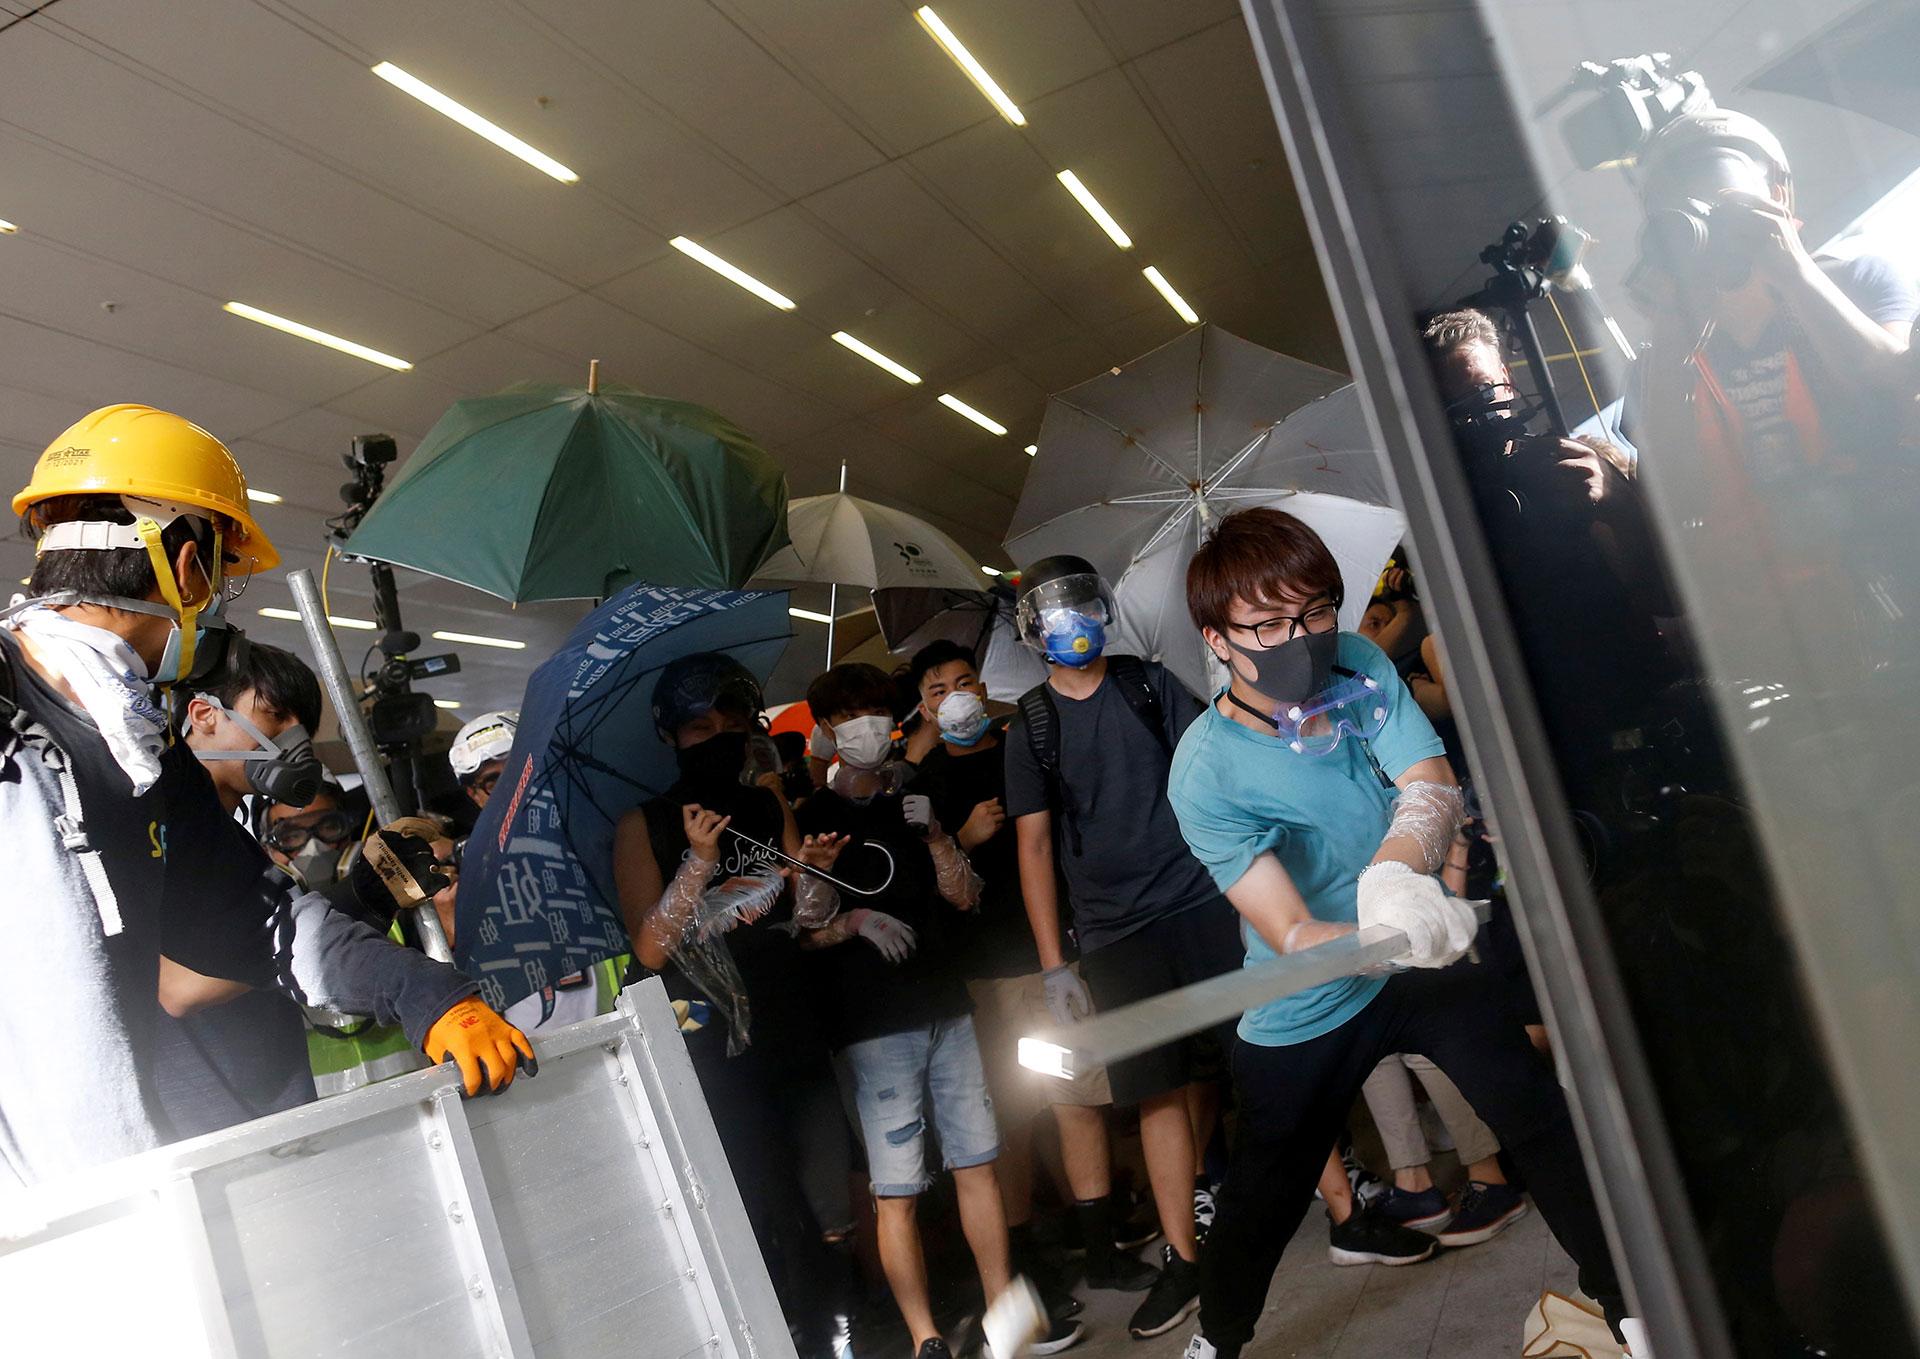 Los manifestantes intentan irrumpir el edificio. (Reuters / Thomas Peter)